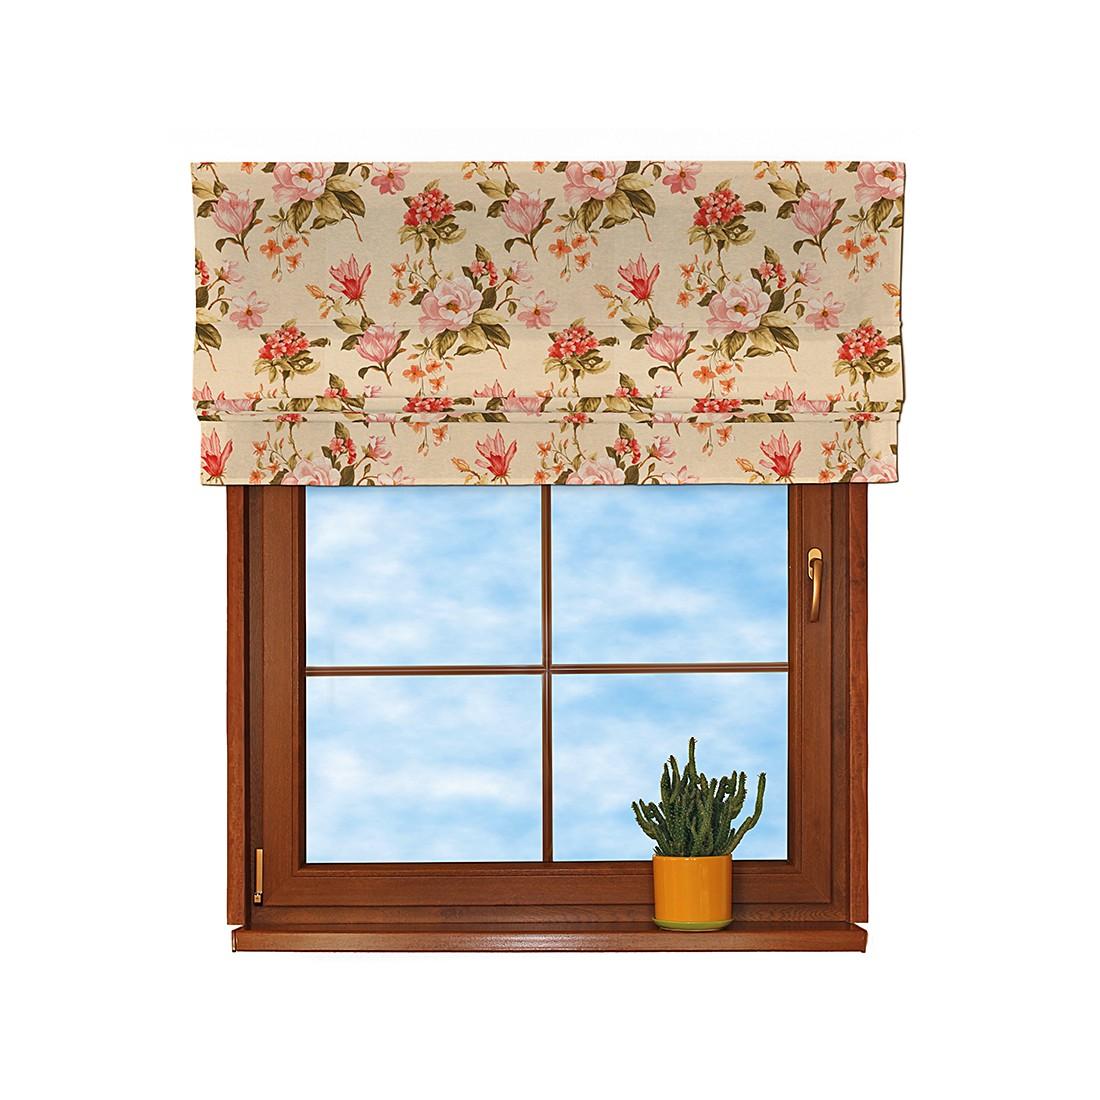 Image of Tenda a pacchetto - Beige con fiori grandi Tenda a rollo - beige con fiori grandi - 130x170 cm, Dekoria